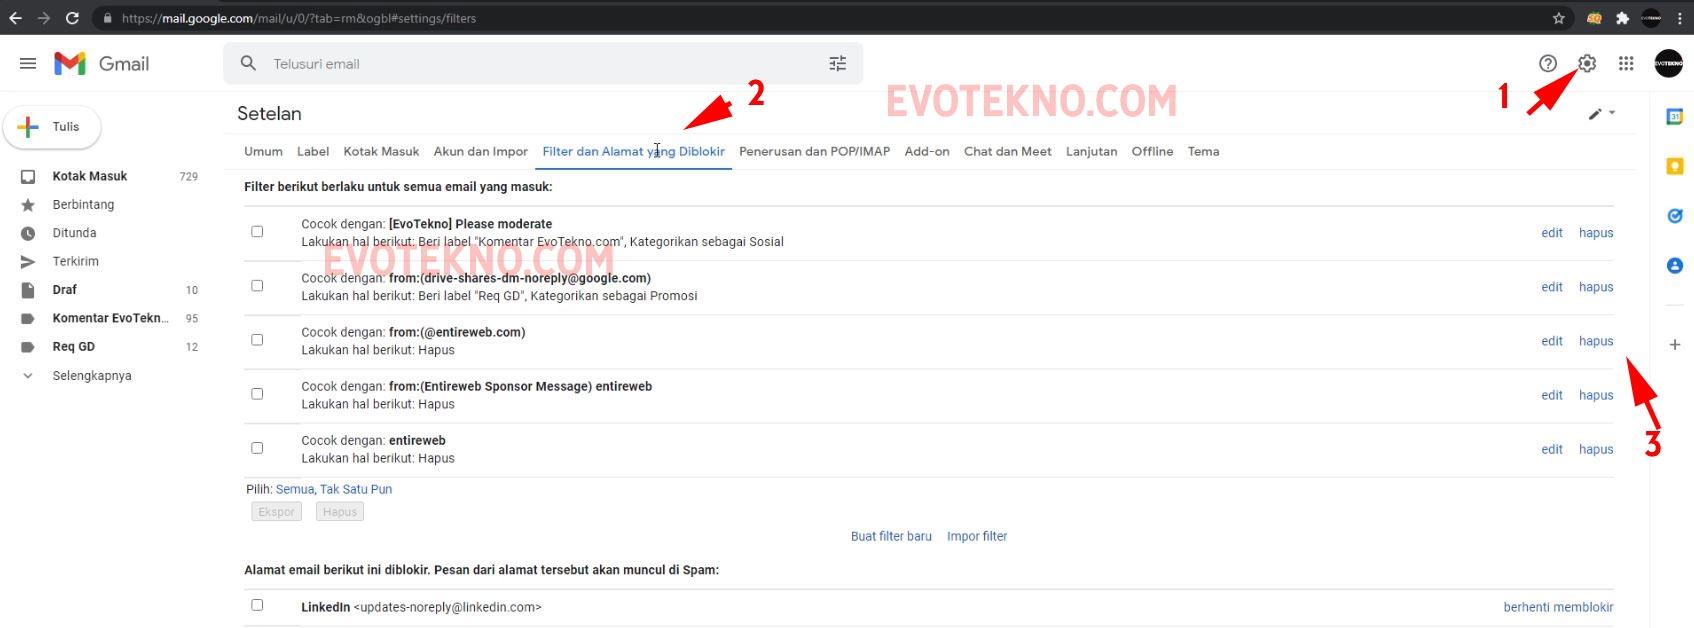 Hapus - Filter dan alamat yang diblokir - gmail